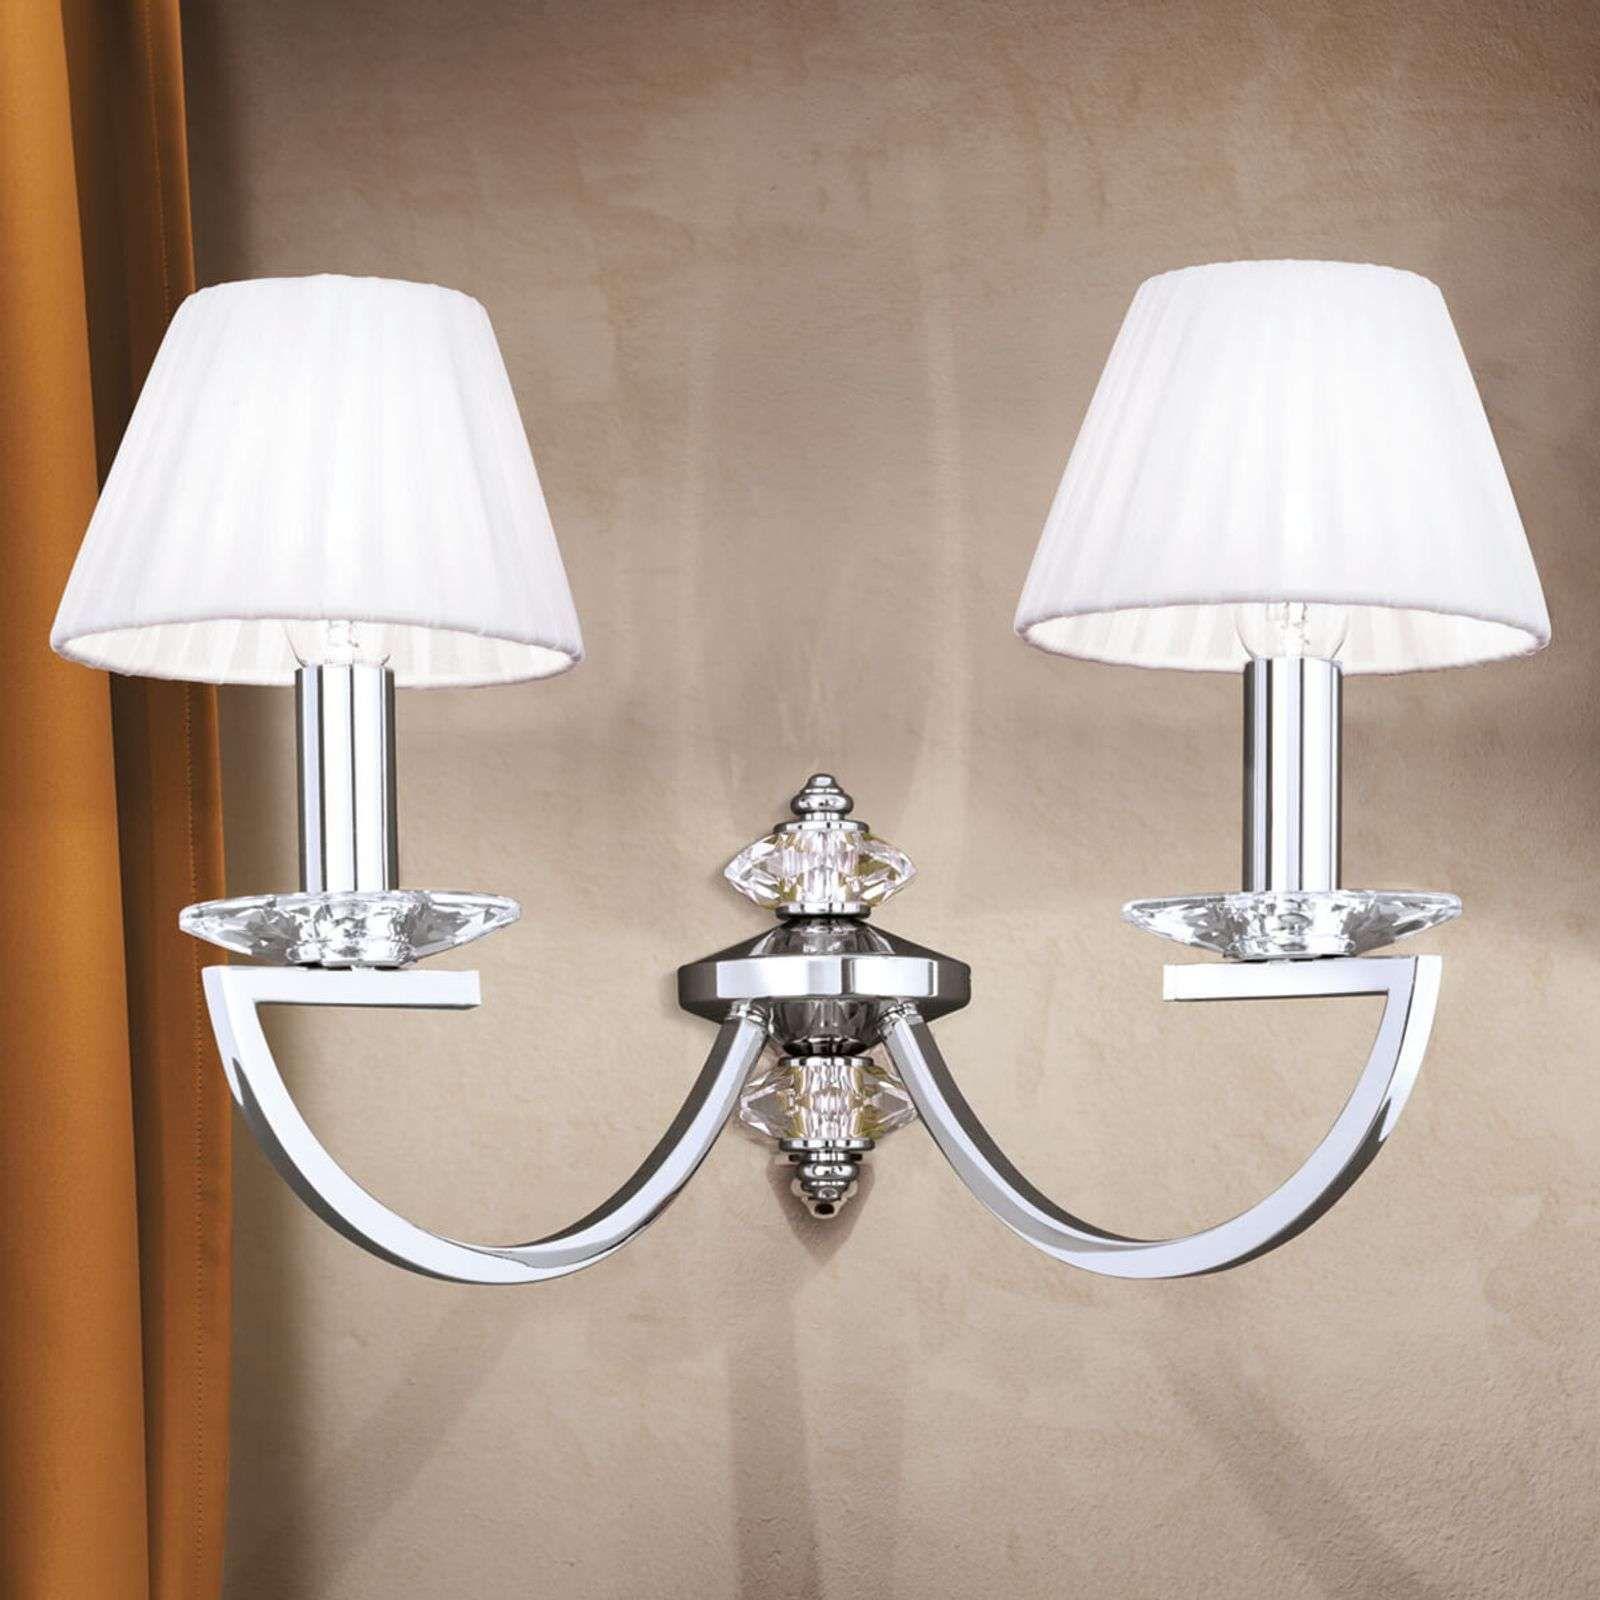 Wit Wandlamp Led Wandleuchten Dimmbar Fernbedienung Wandlampen Design Italien Wandlampe Wohnzimmer Led Wandlamp In 2020 Muurverlichting Wandlamp Koperen Lampen